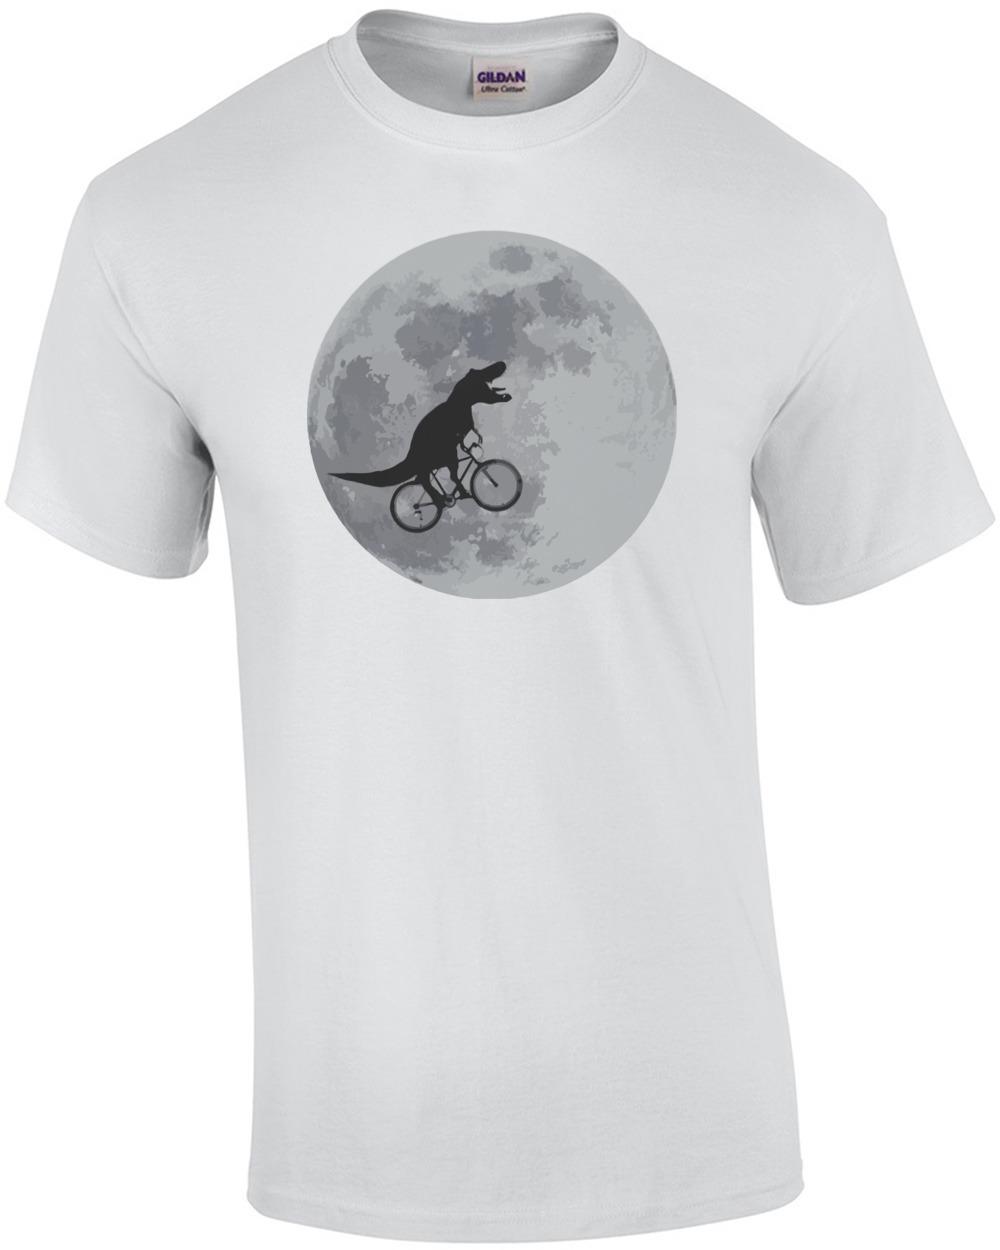 Préférence T-Rex - Tyrannosaurus rex bicycle moon shirt YI42